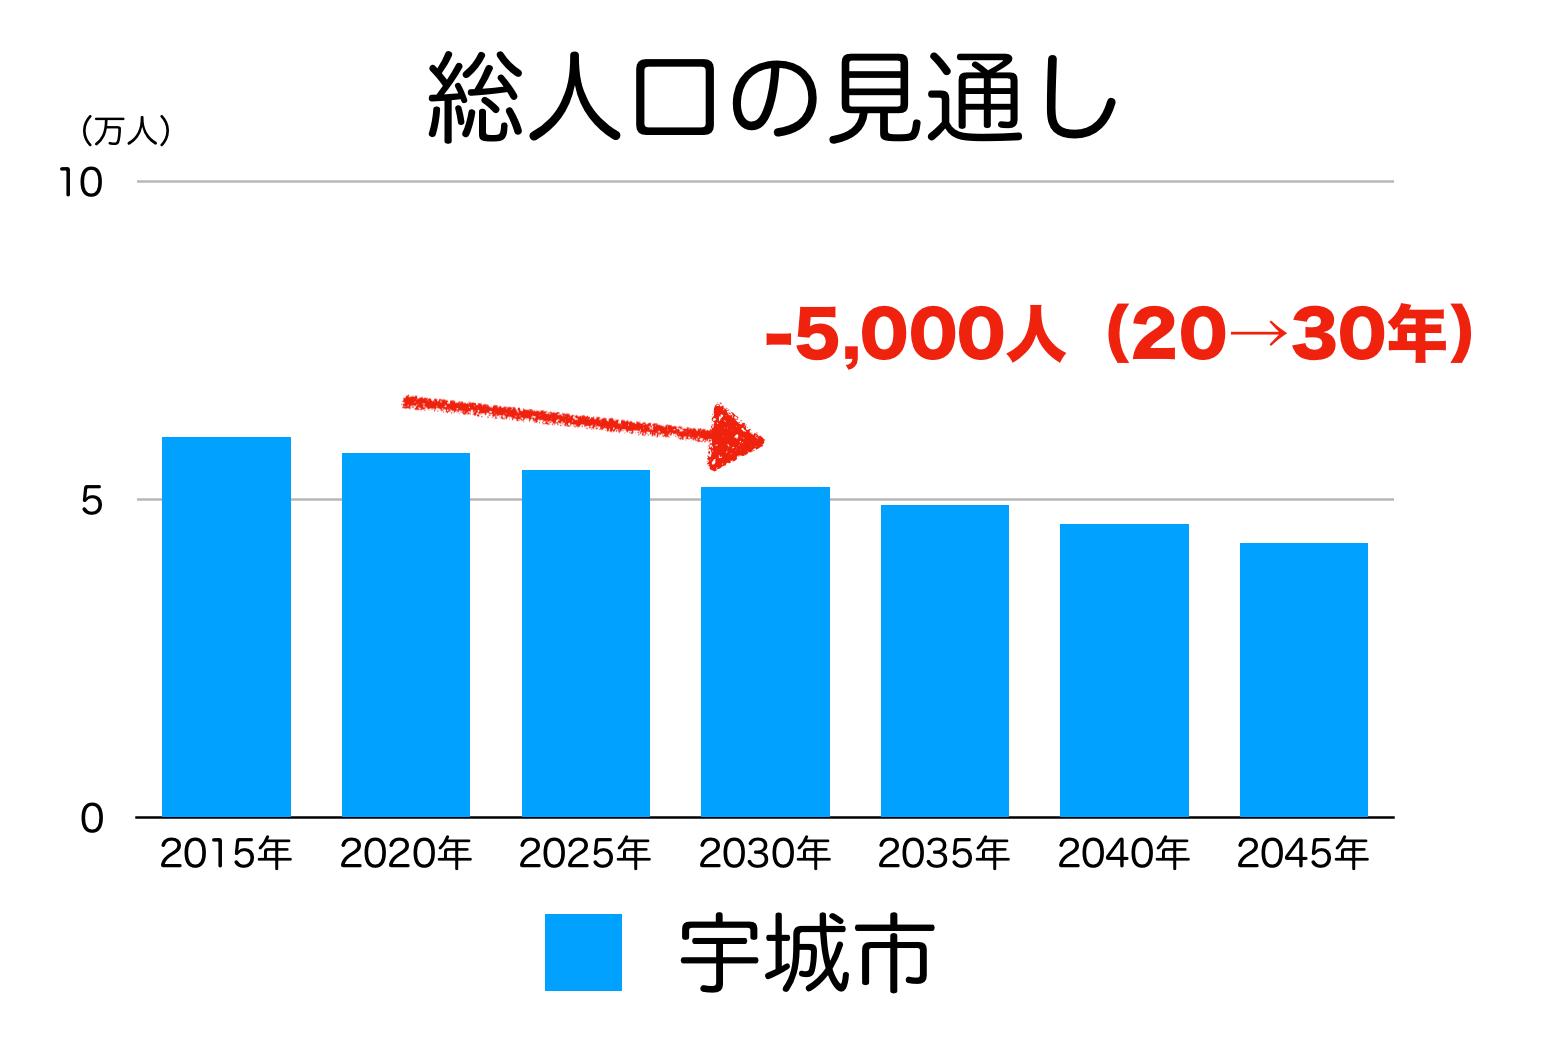 宇城市の人口予測